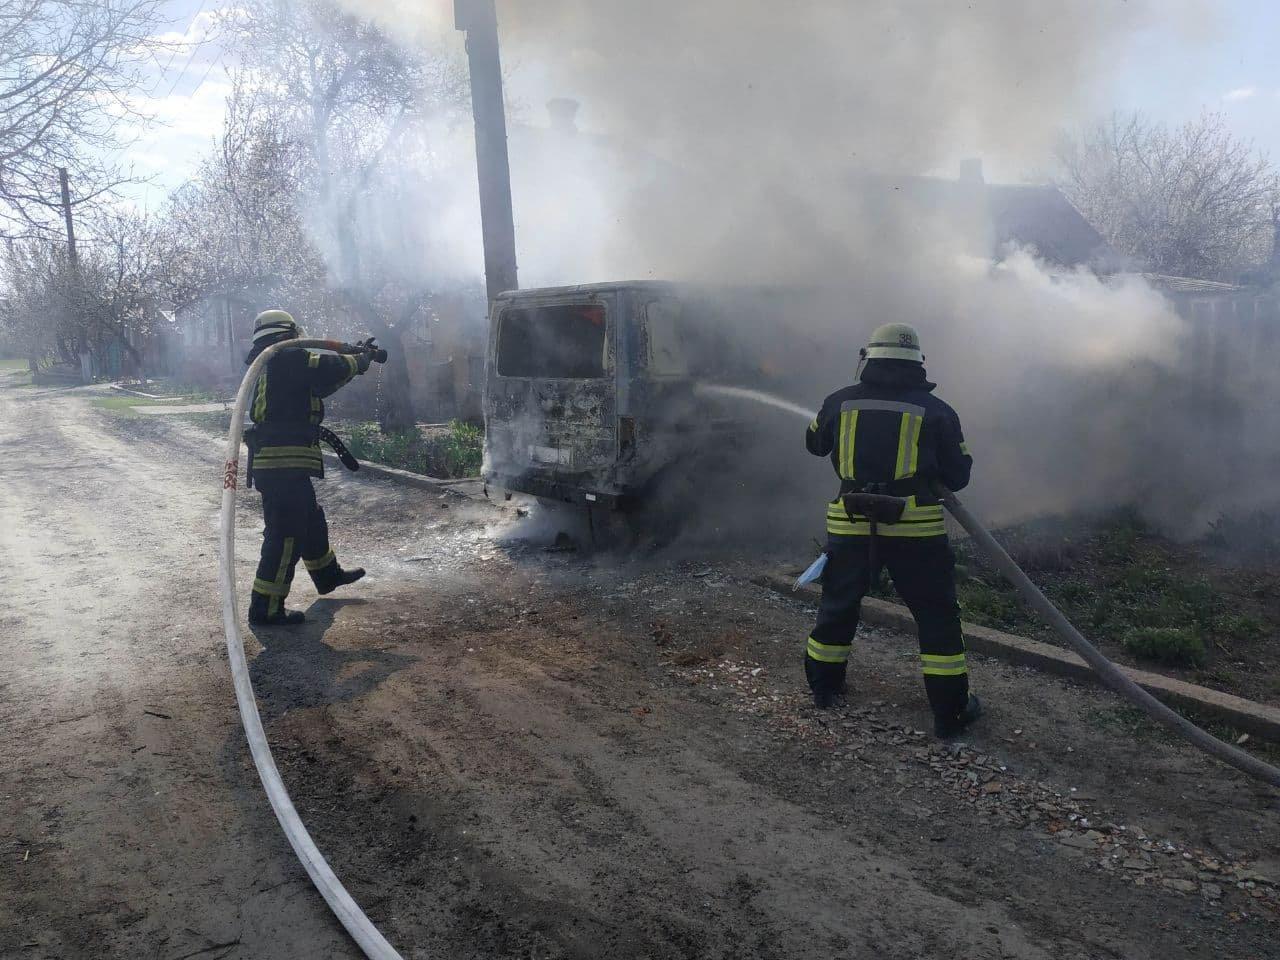 Порятунок собак, ДТП на мосту та подробиці отруєння - що сталося у Слов'янську в останні дні квітня, фото-1